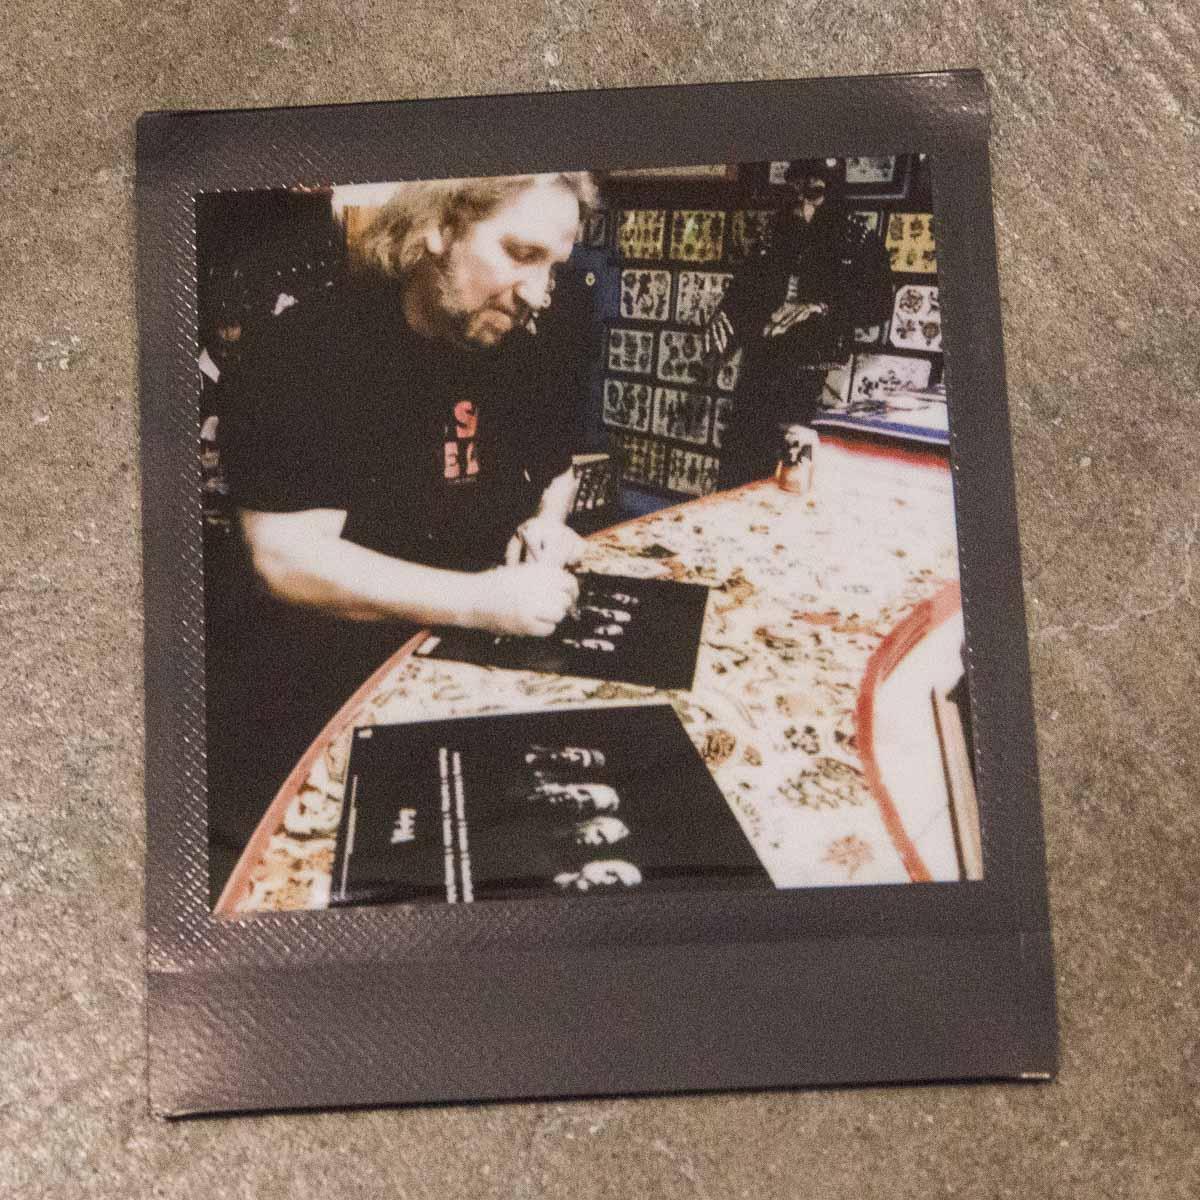 Phil Rind signing vinyls